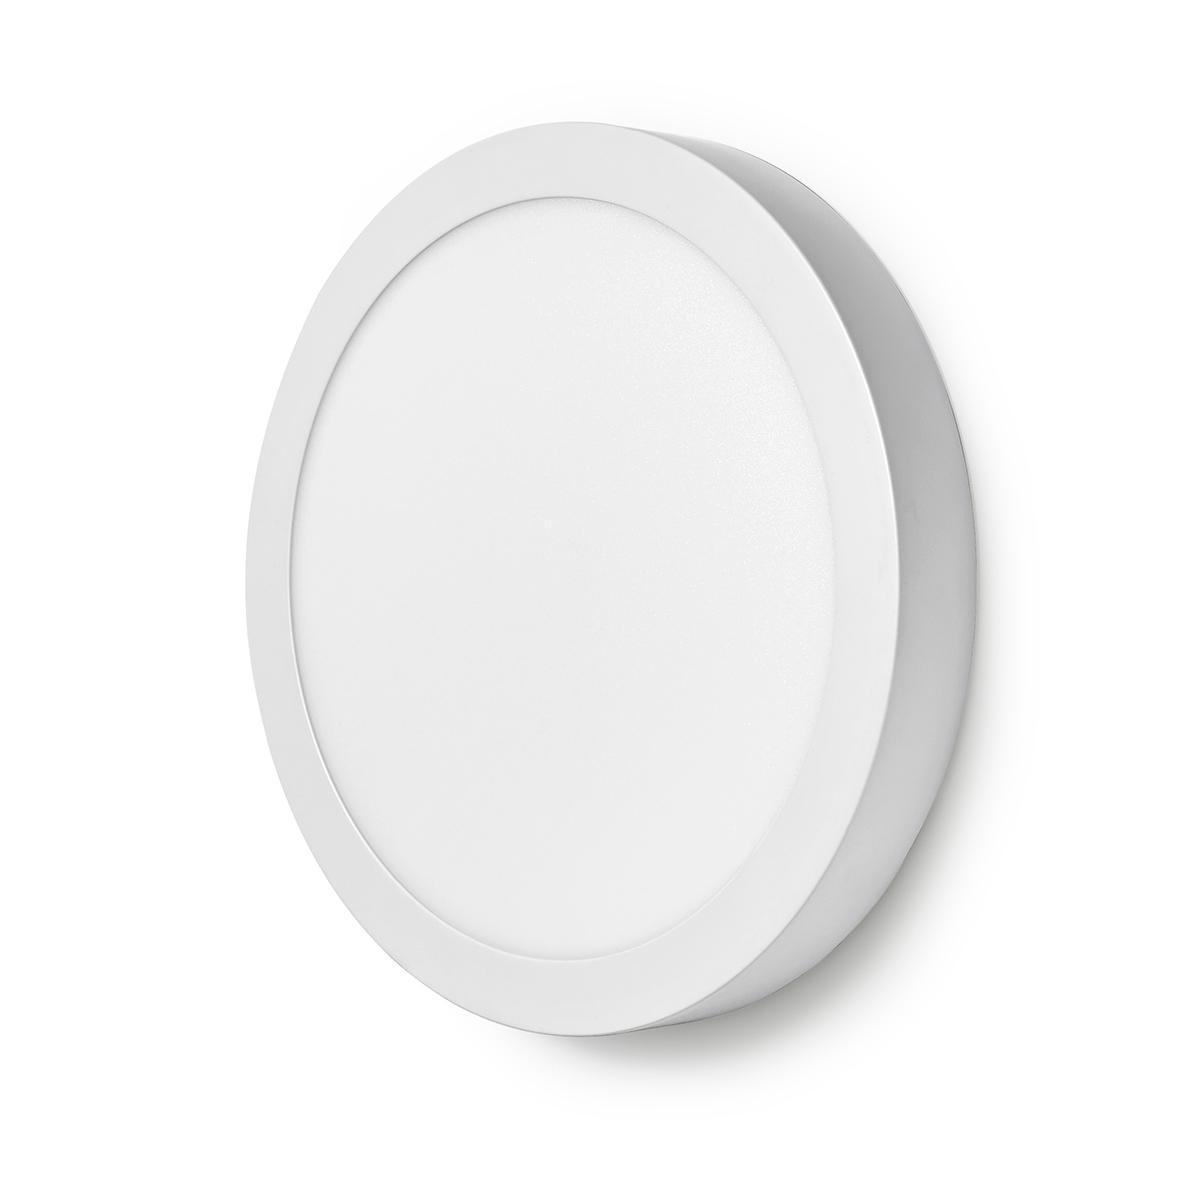 WiFi - Smart LED plafondlamp - 18 watt - 30cm - warm tot koel wit - 18 watt - dimbaar - app besturing - zijaanzicht